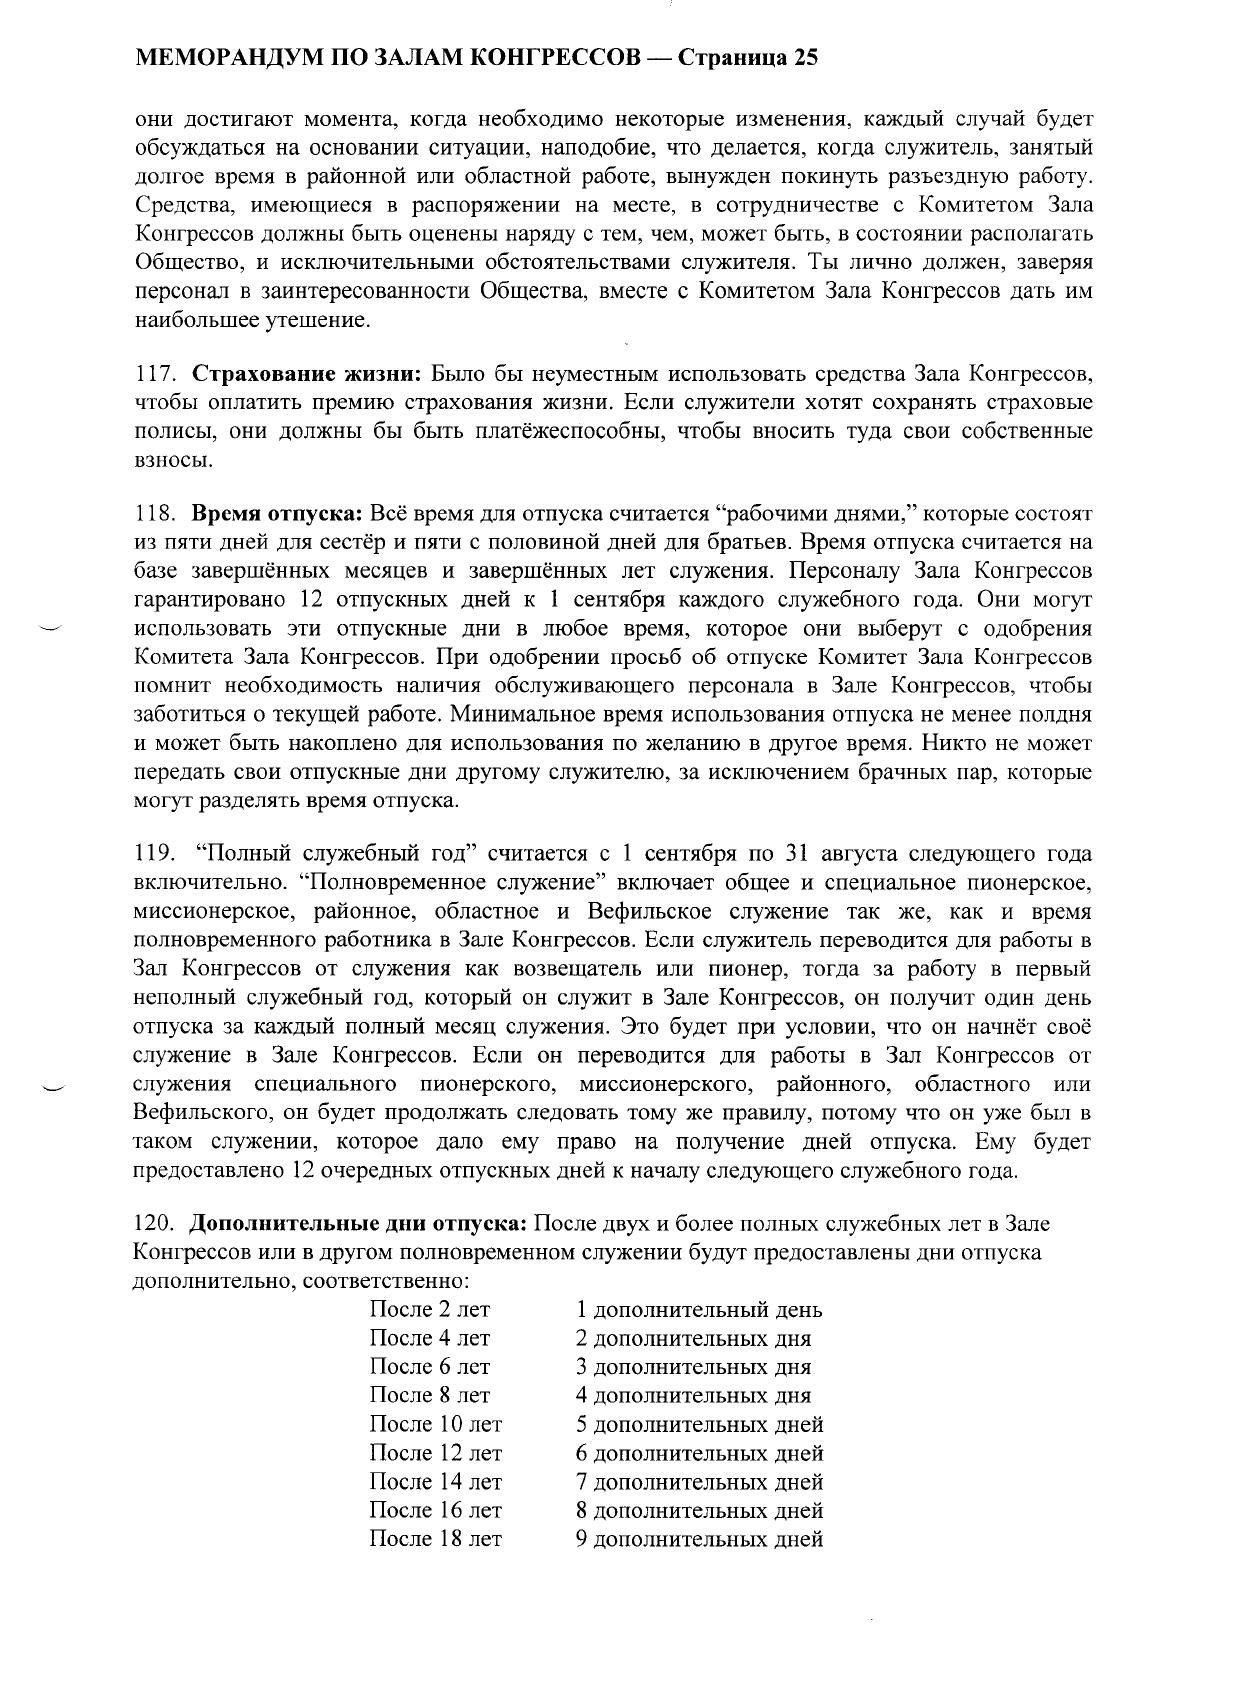 Меморандум по Залам Конгрессов (1997.06.01)_000026